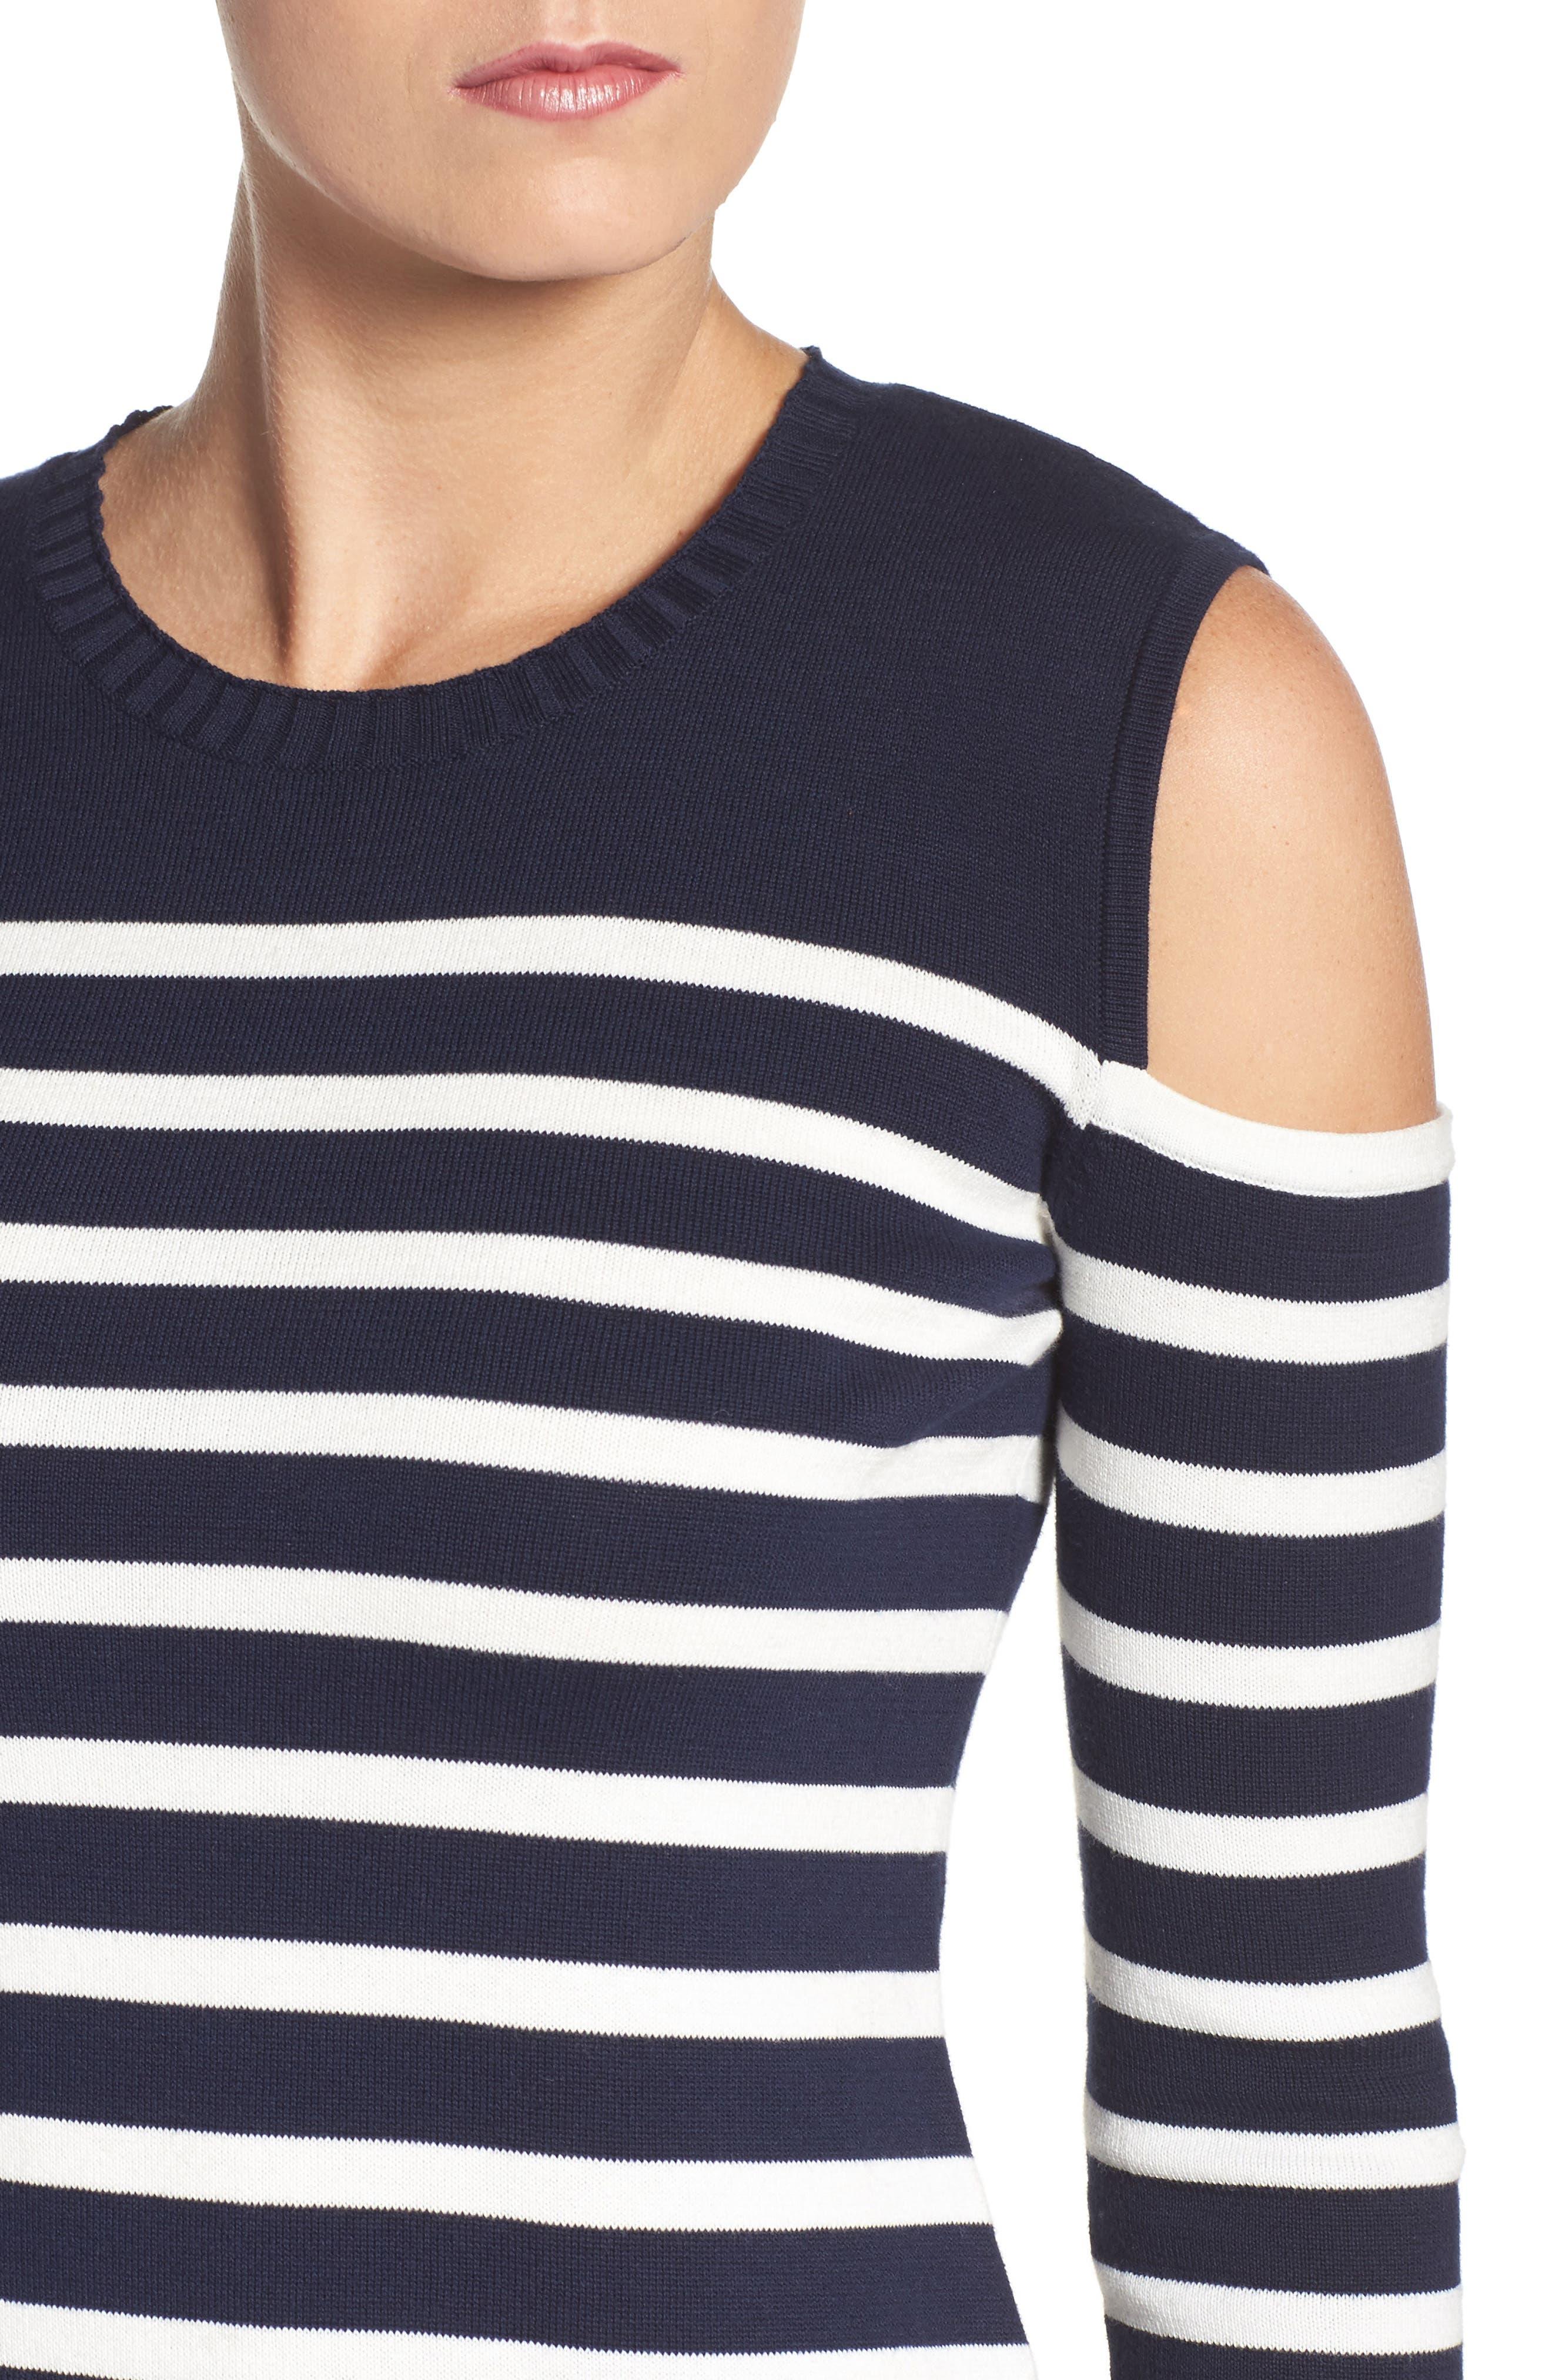 Trina Turk Tango Stripe Cotton Knit Dress,                             Alternate thumbnail 5, color,                             Whitewash/ Indigo